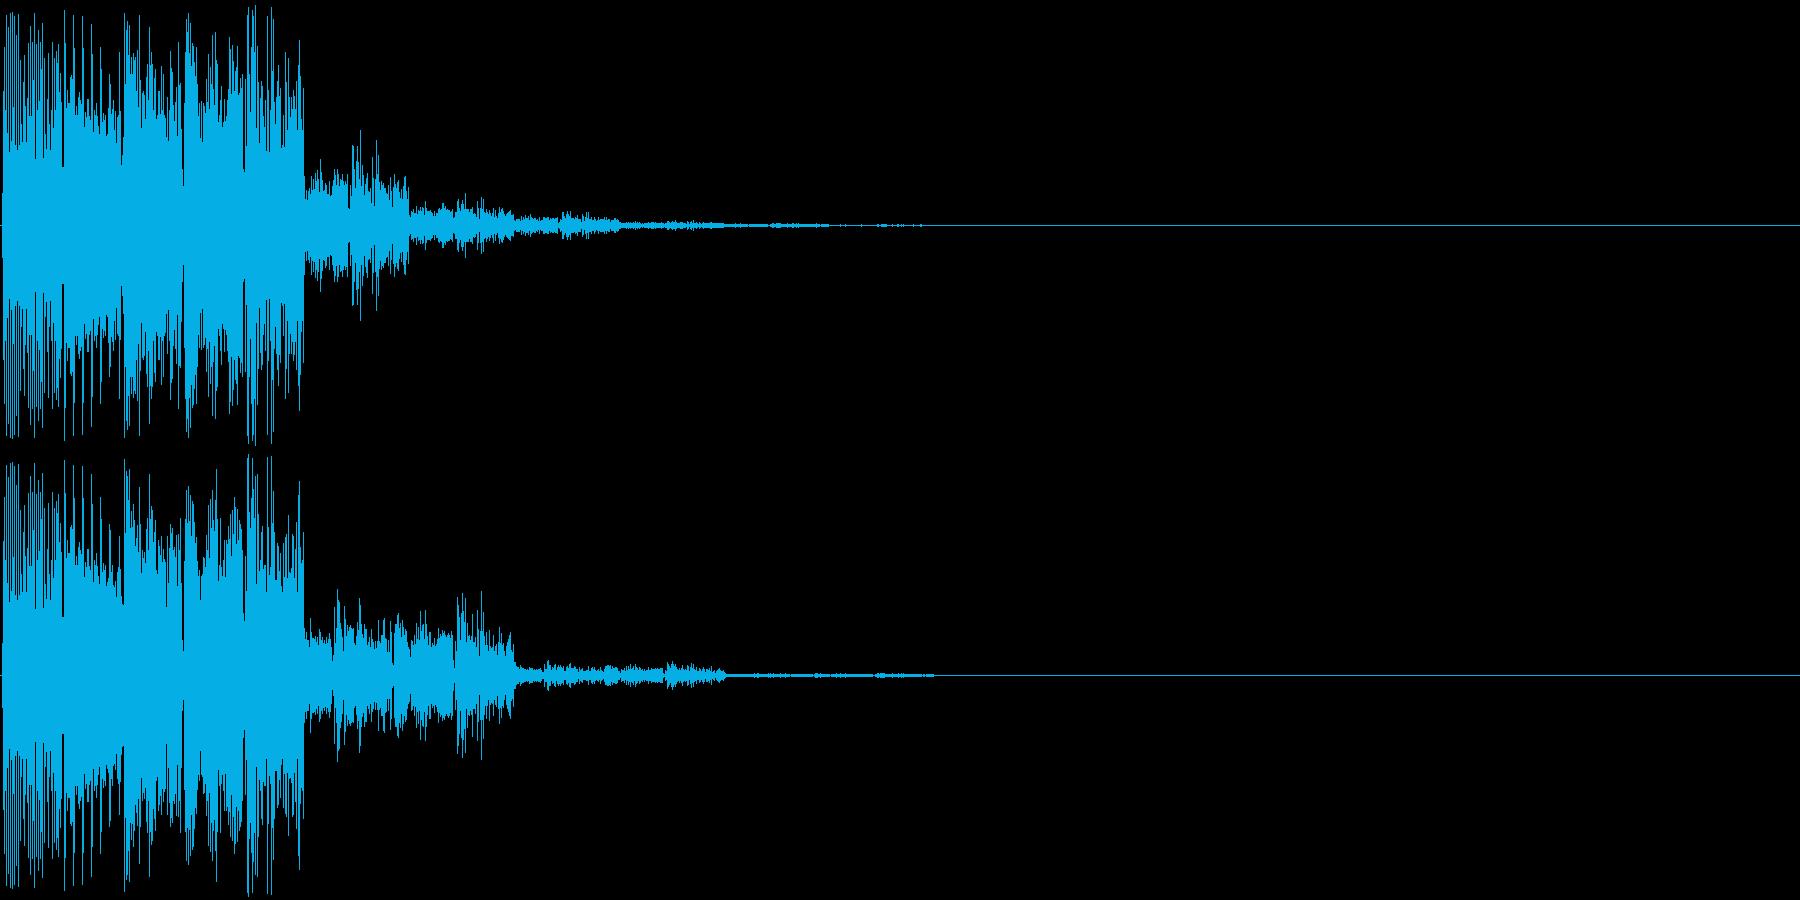 ピロロン(決定音)の再生済みの波形